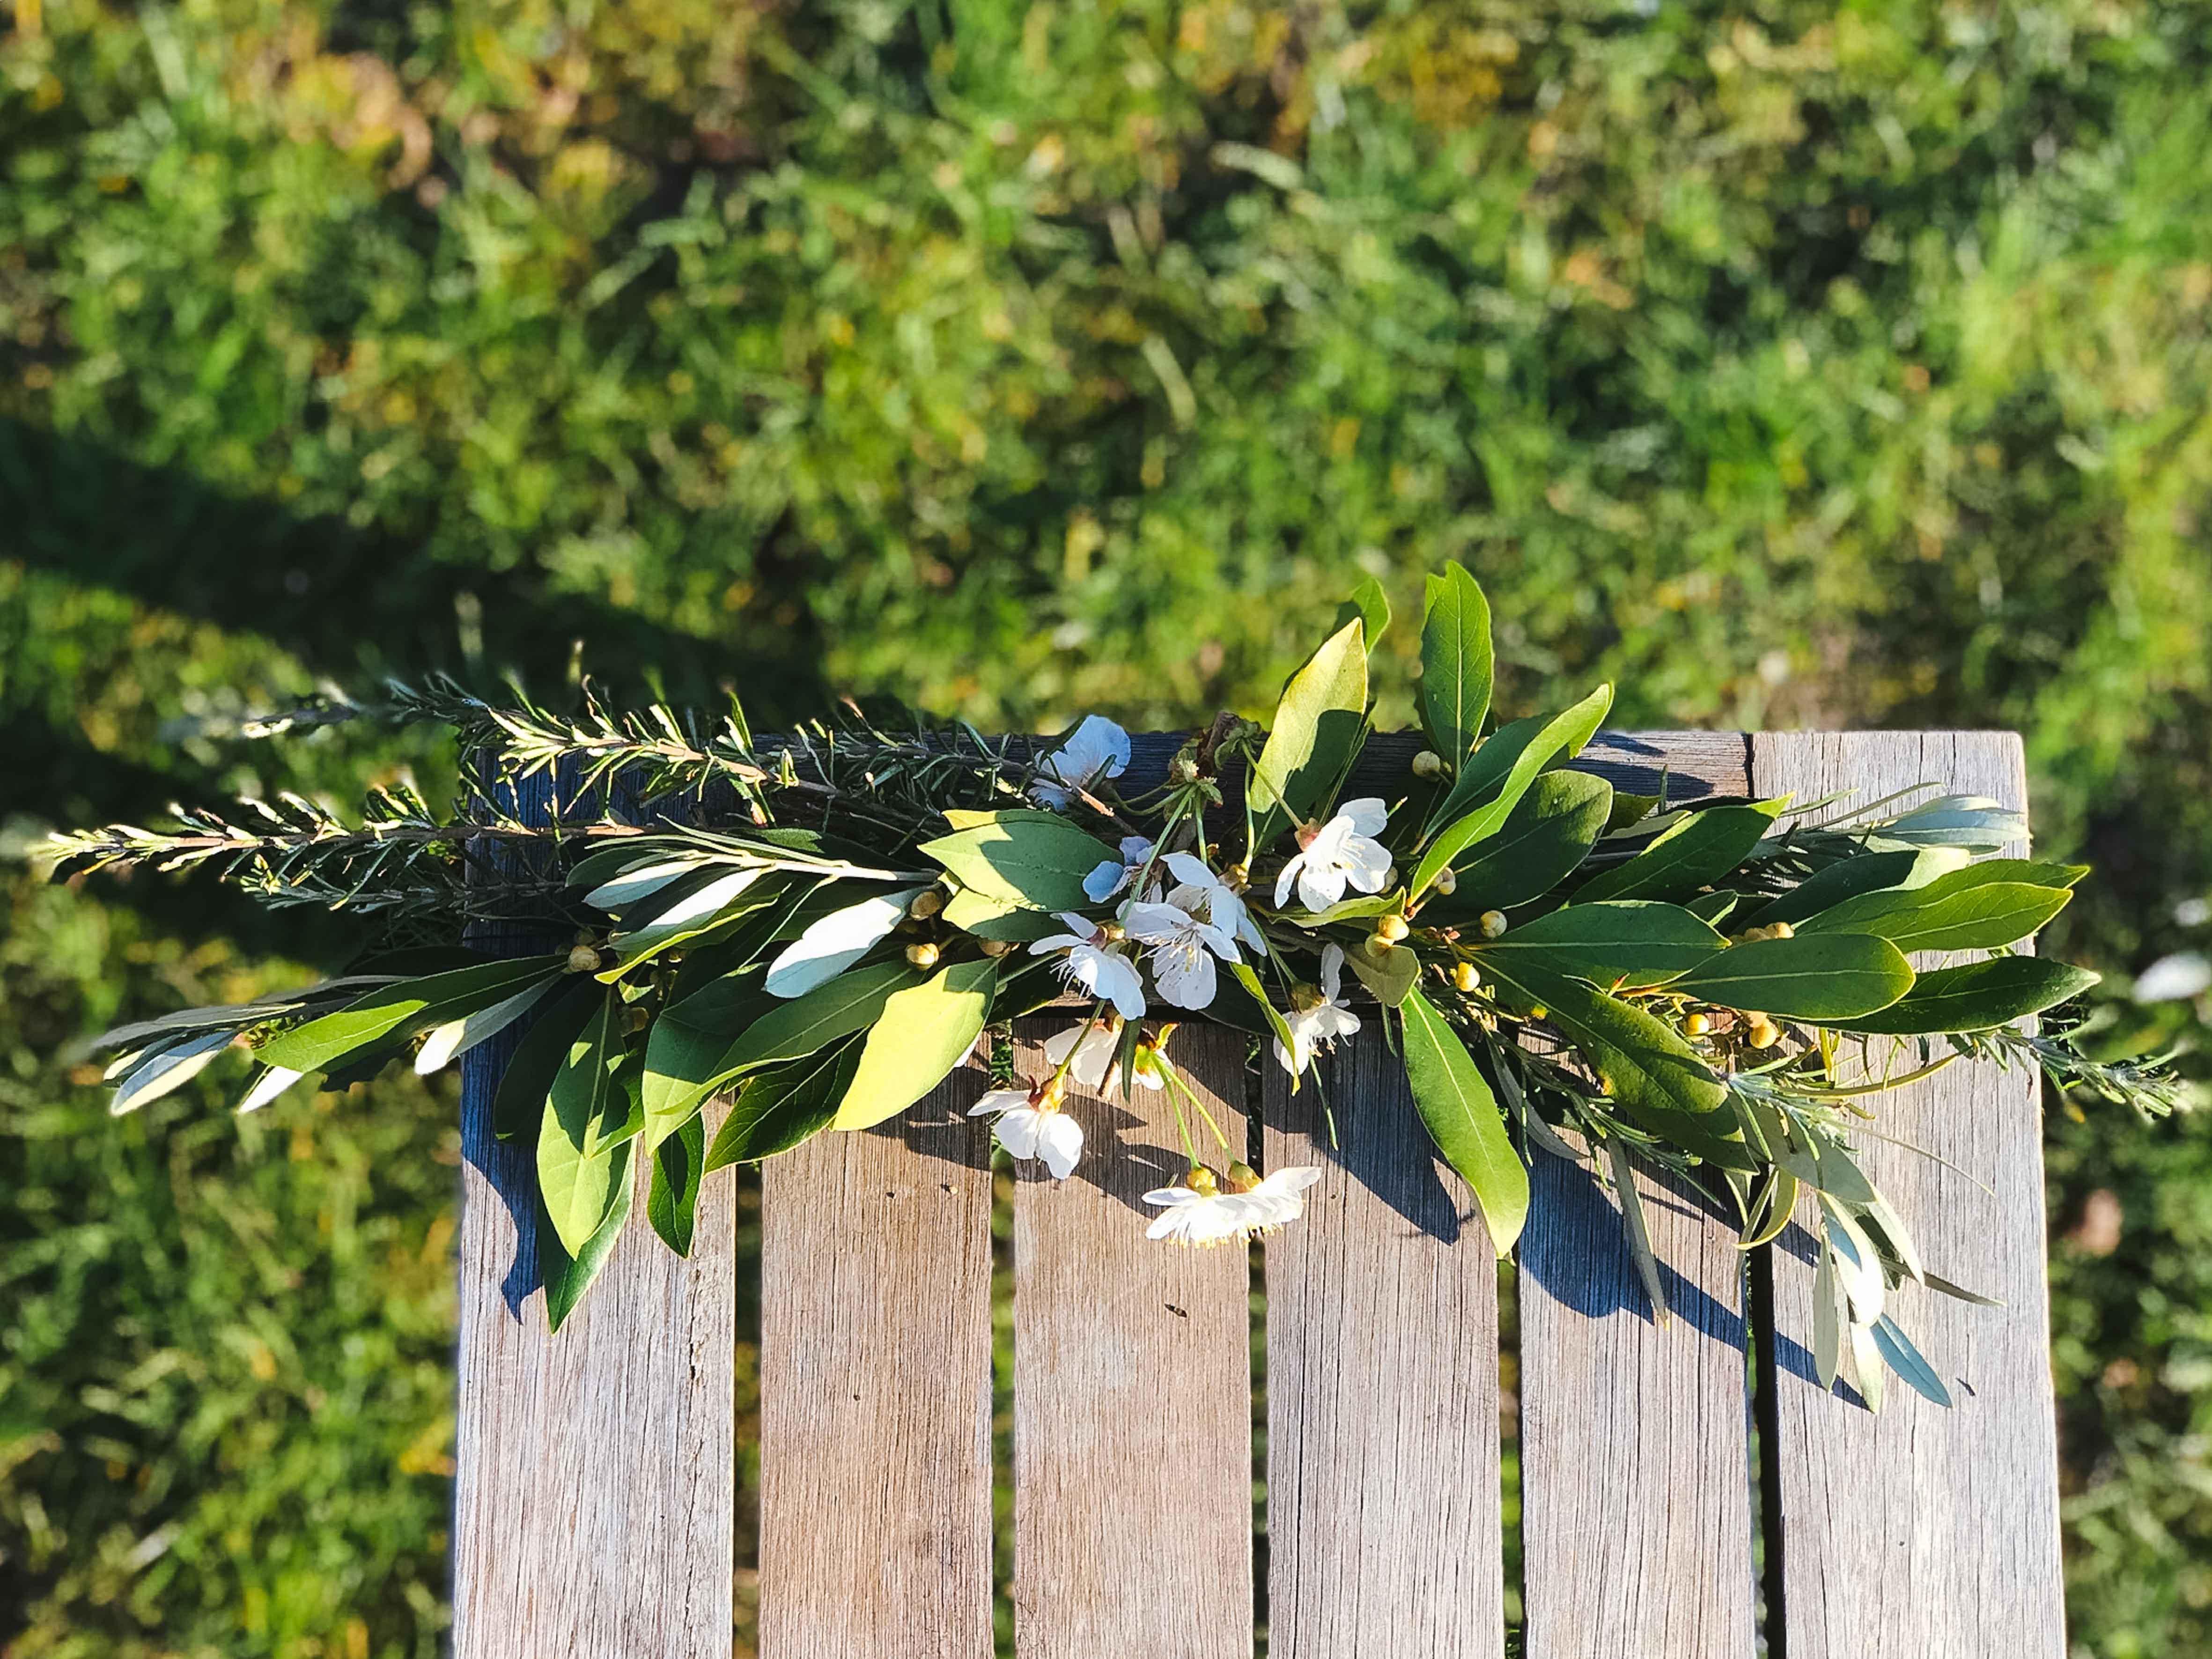 decoration-vegetale-bancs-cérémonie-mariage-fleurs